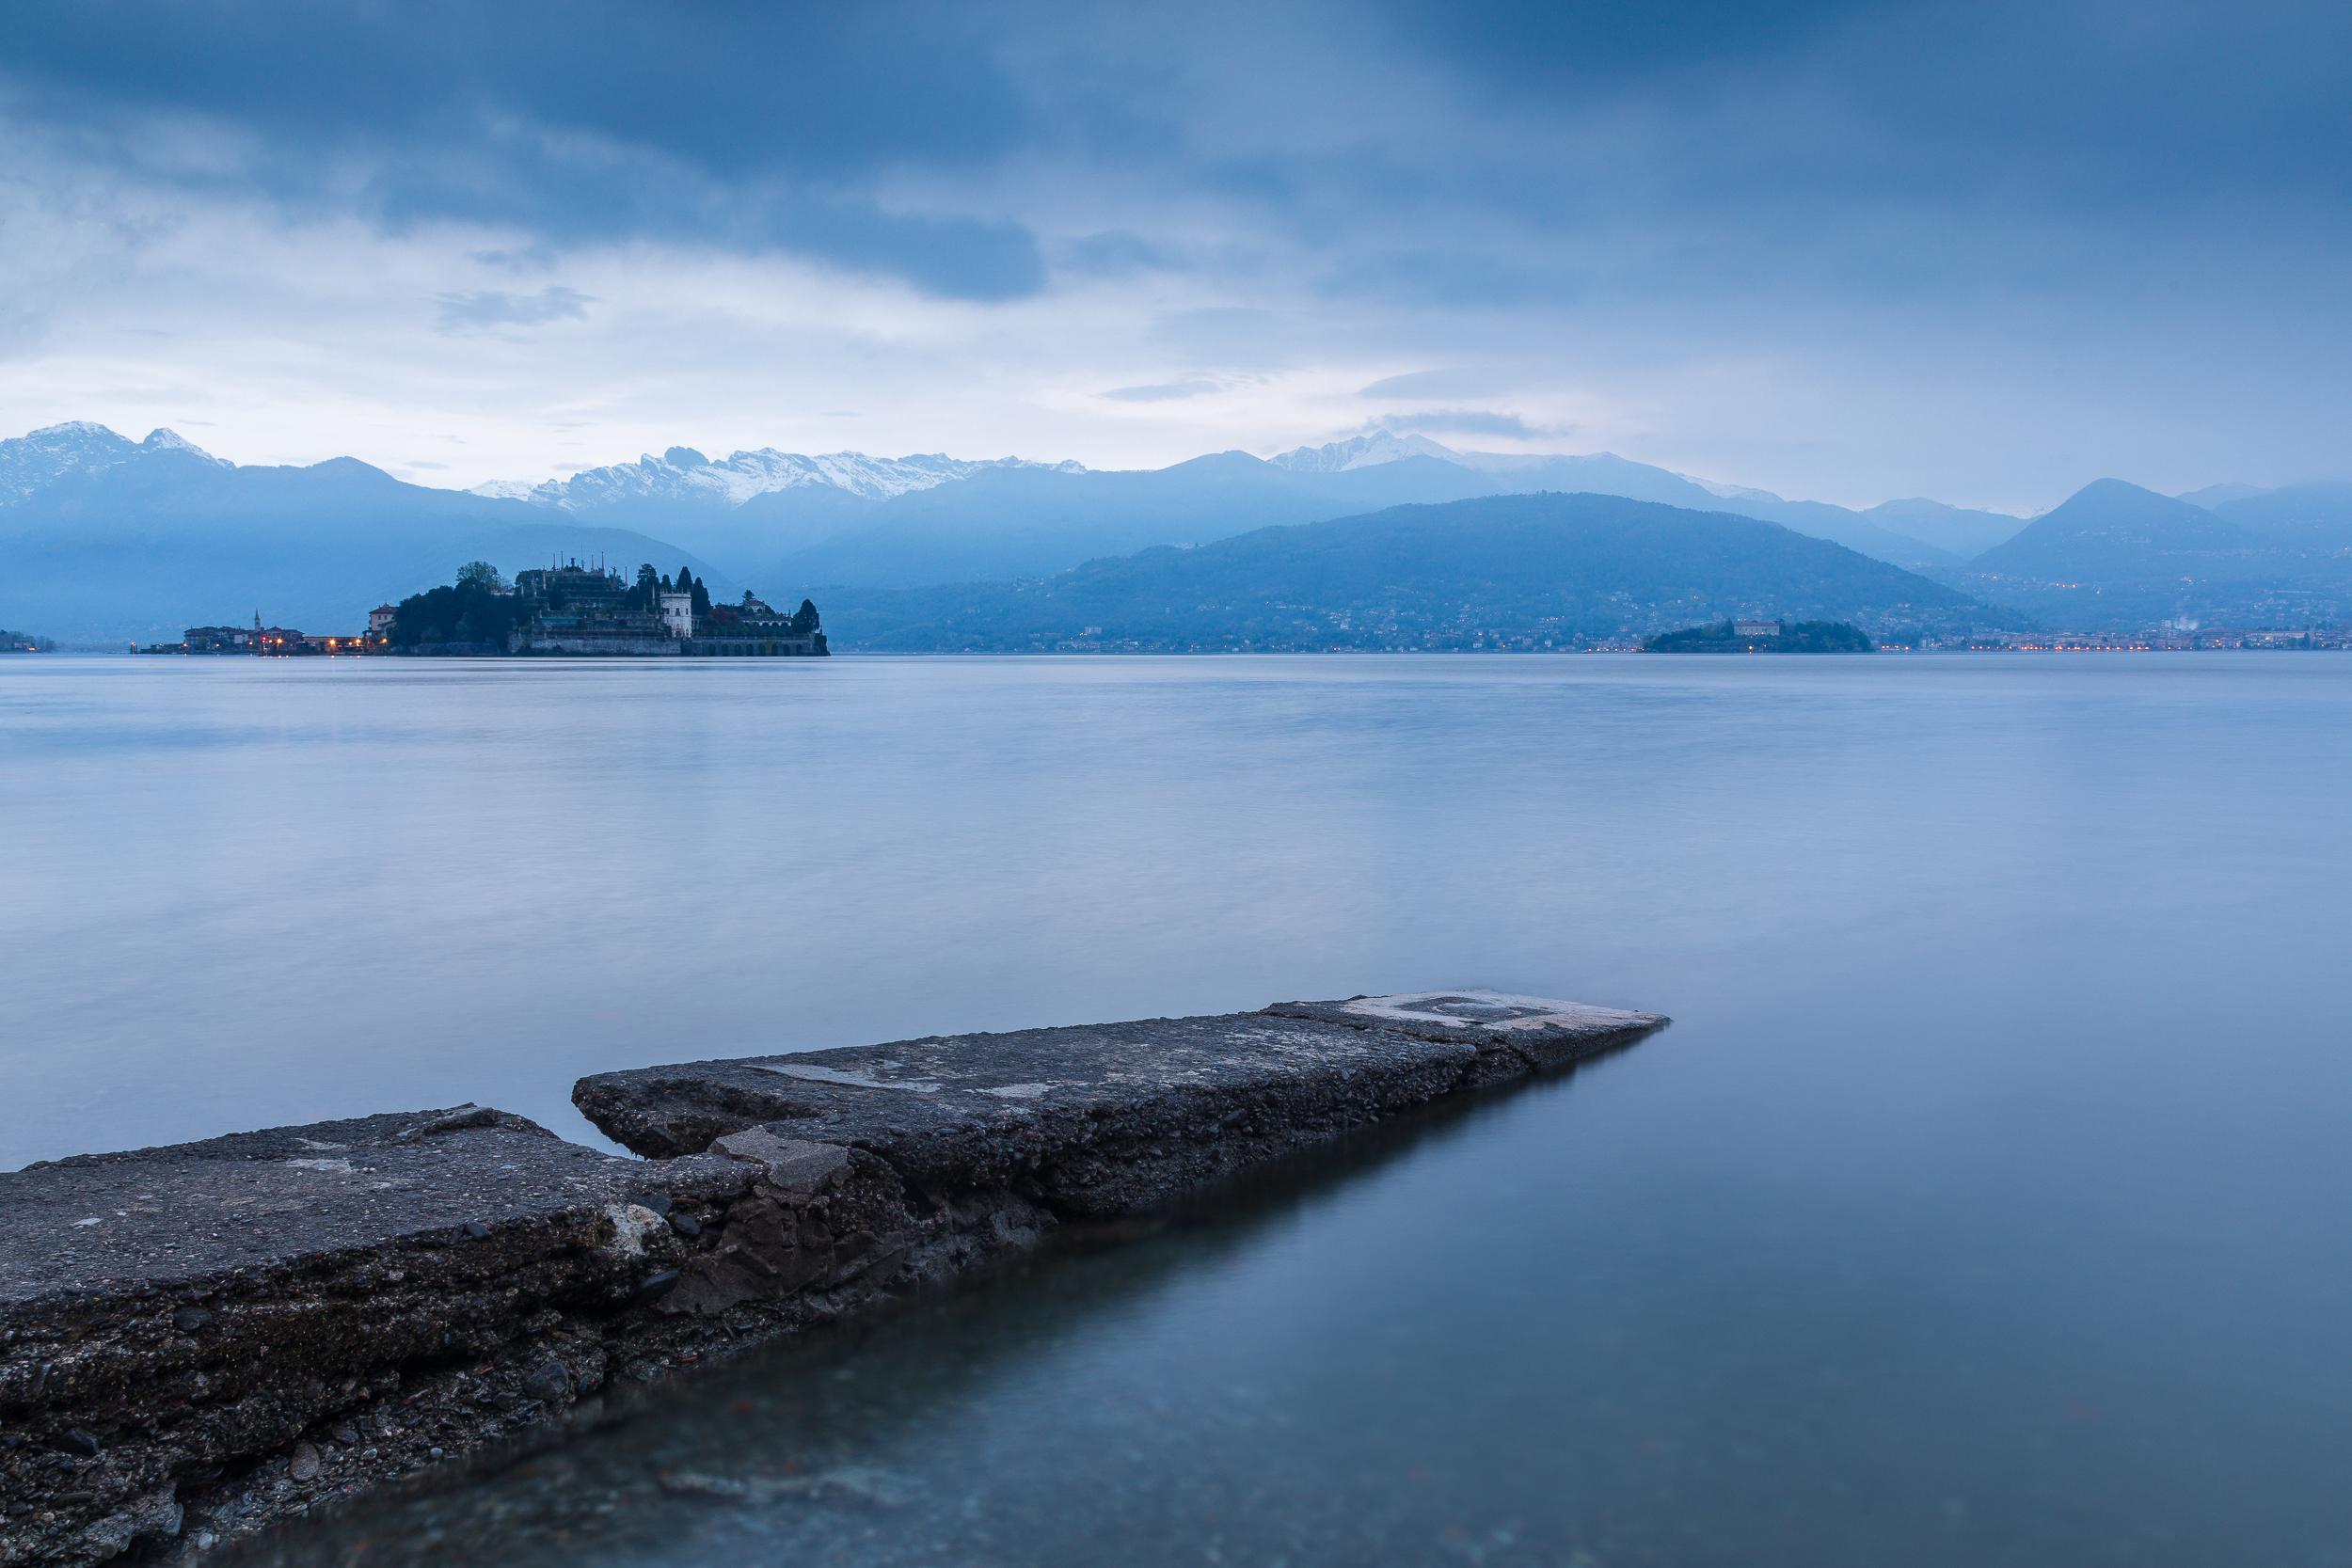 A cloudy dawn at Lake Maggiore